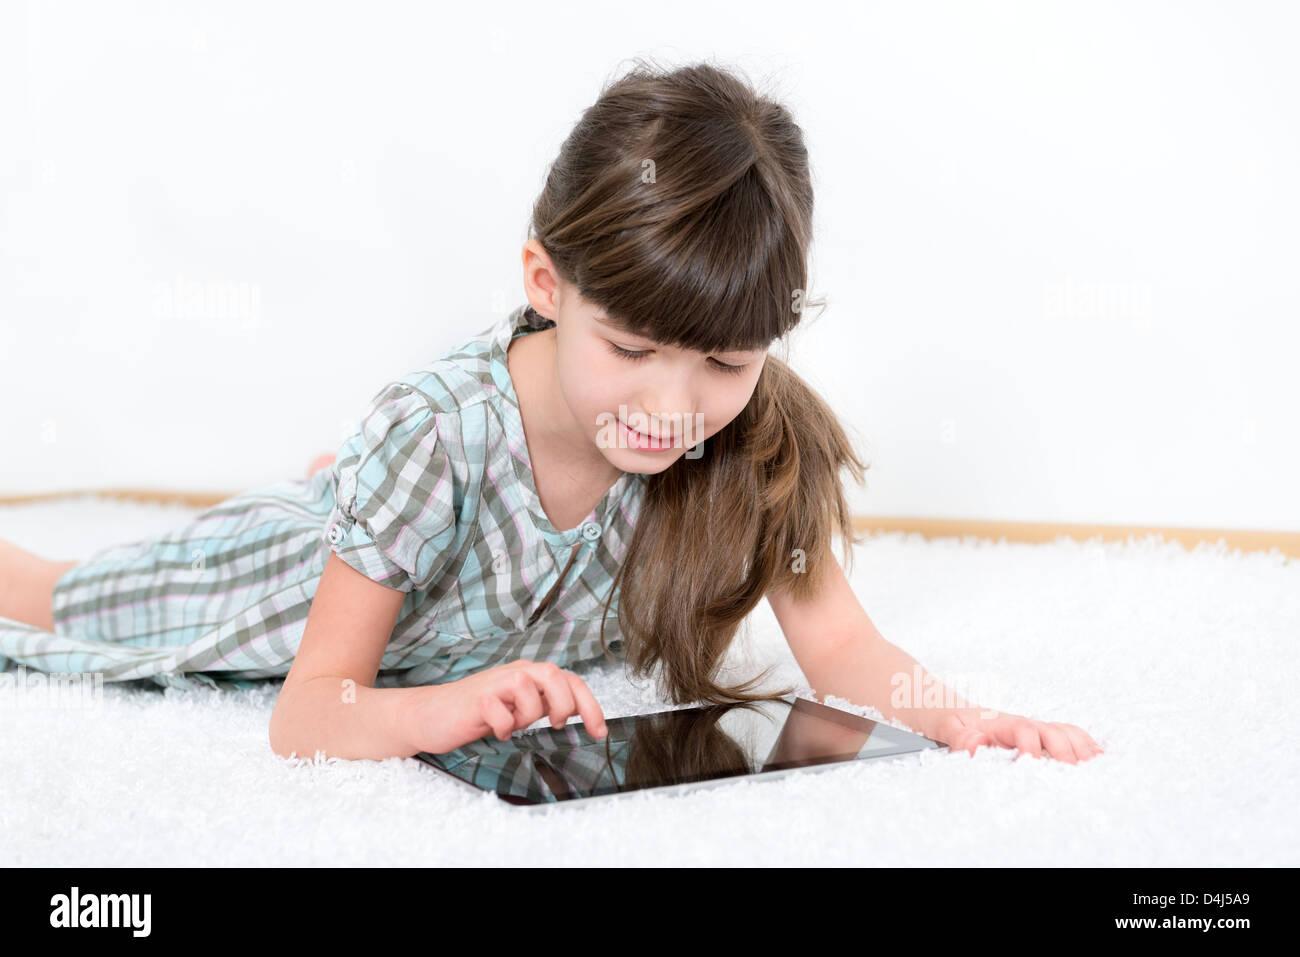 Petite fille jouant avec une tablette numérique moderne tout en se trouvant sur un tapis blanc dans une chambre Photo Stock